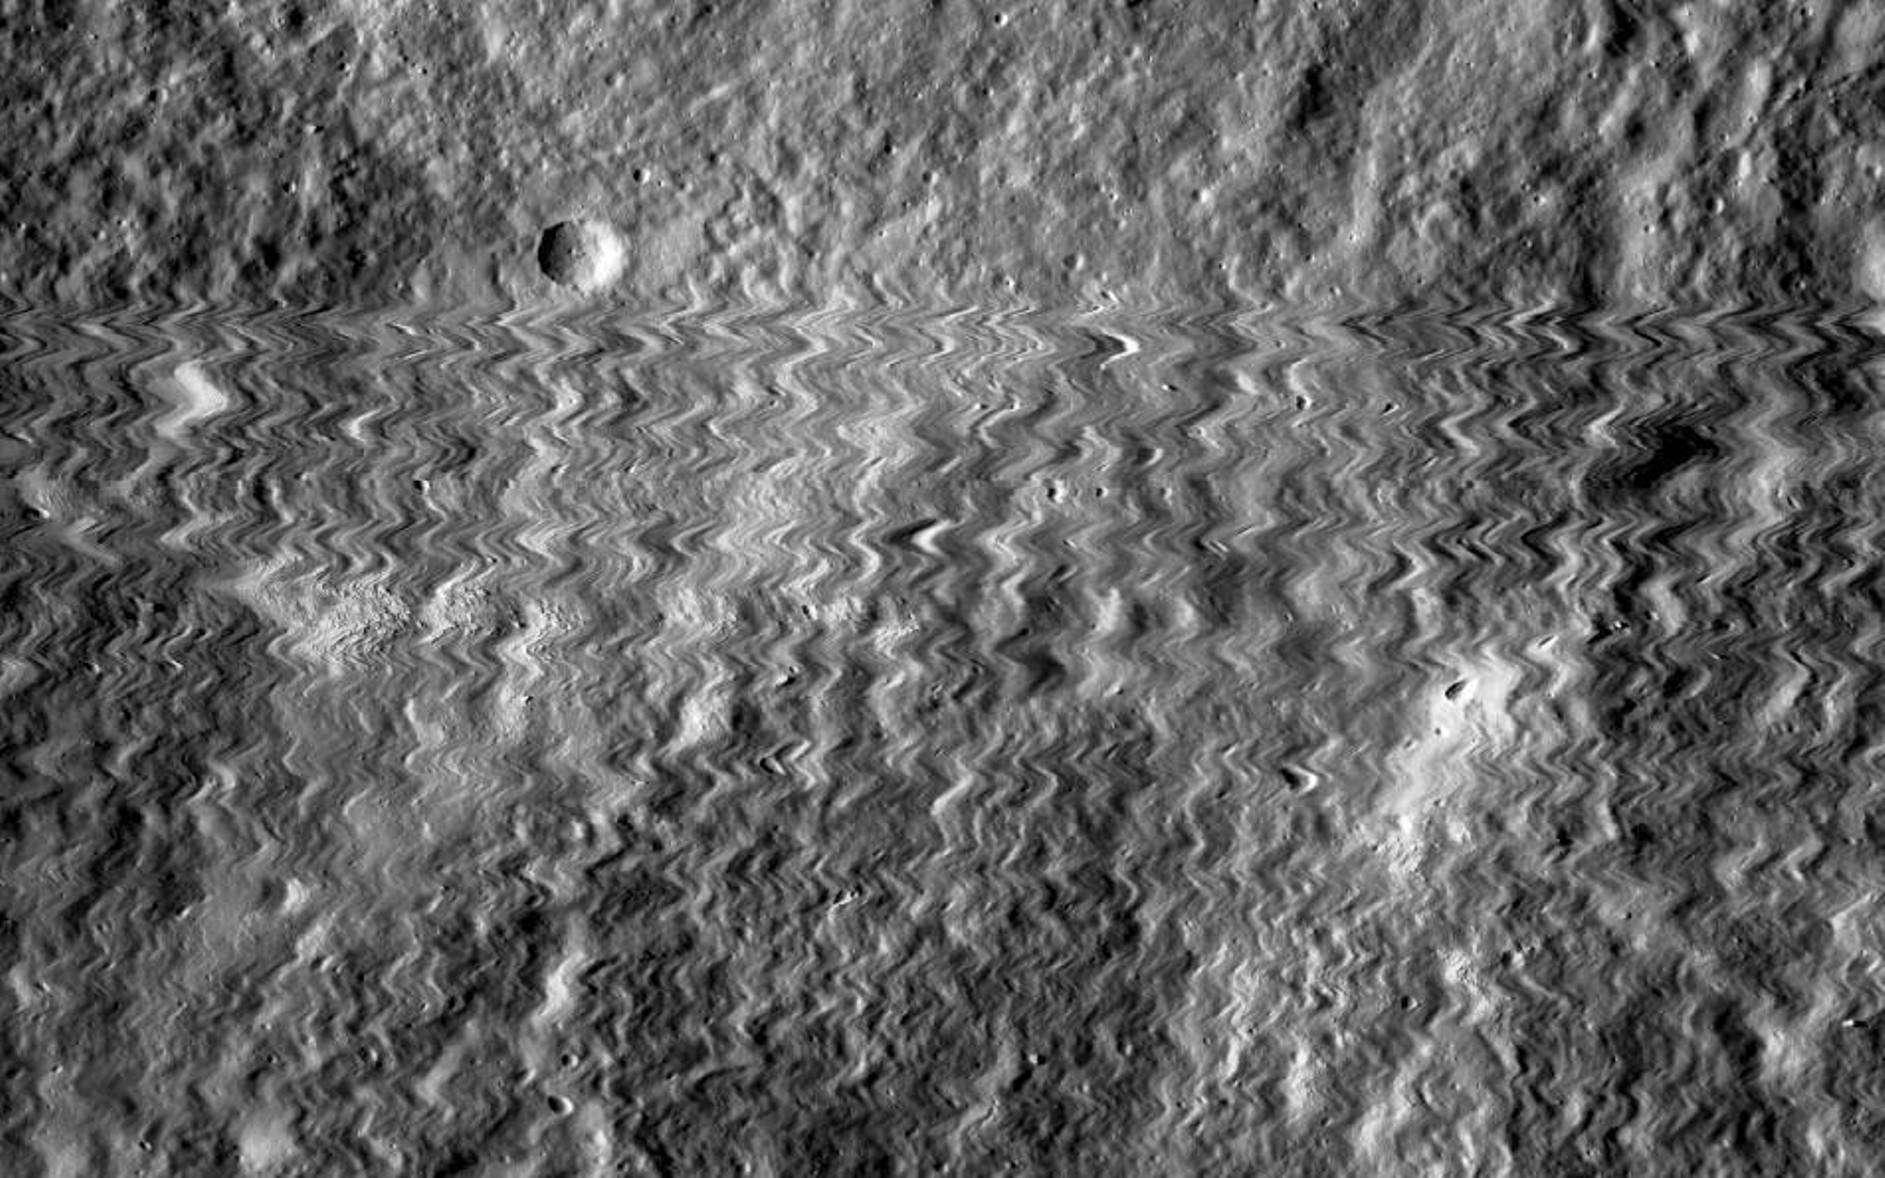 Le 13 octobre 2014, quelque chose a visiblement bousculé le ''photographe'' LRO lorsqu'il survolait la surface de la Lune. © Nasa, Goddard Space Flight Center, Arizona State University